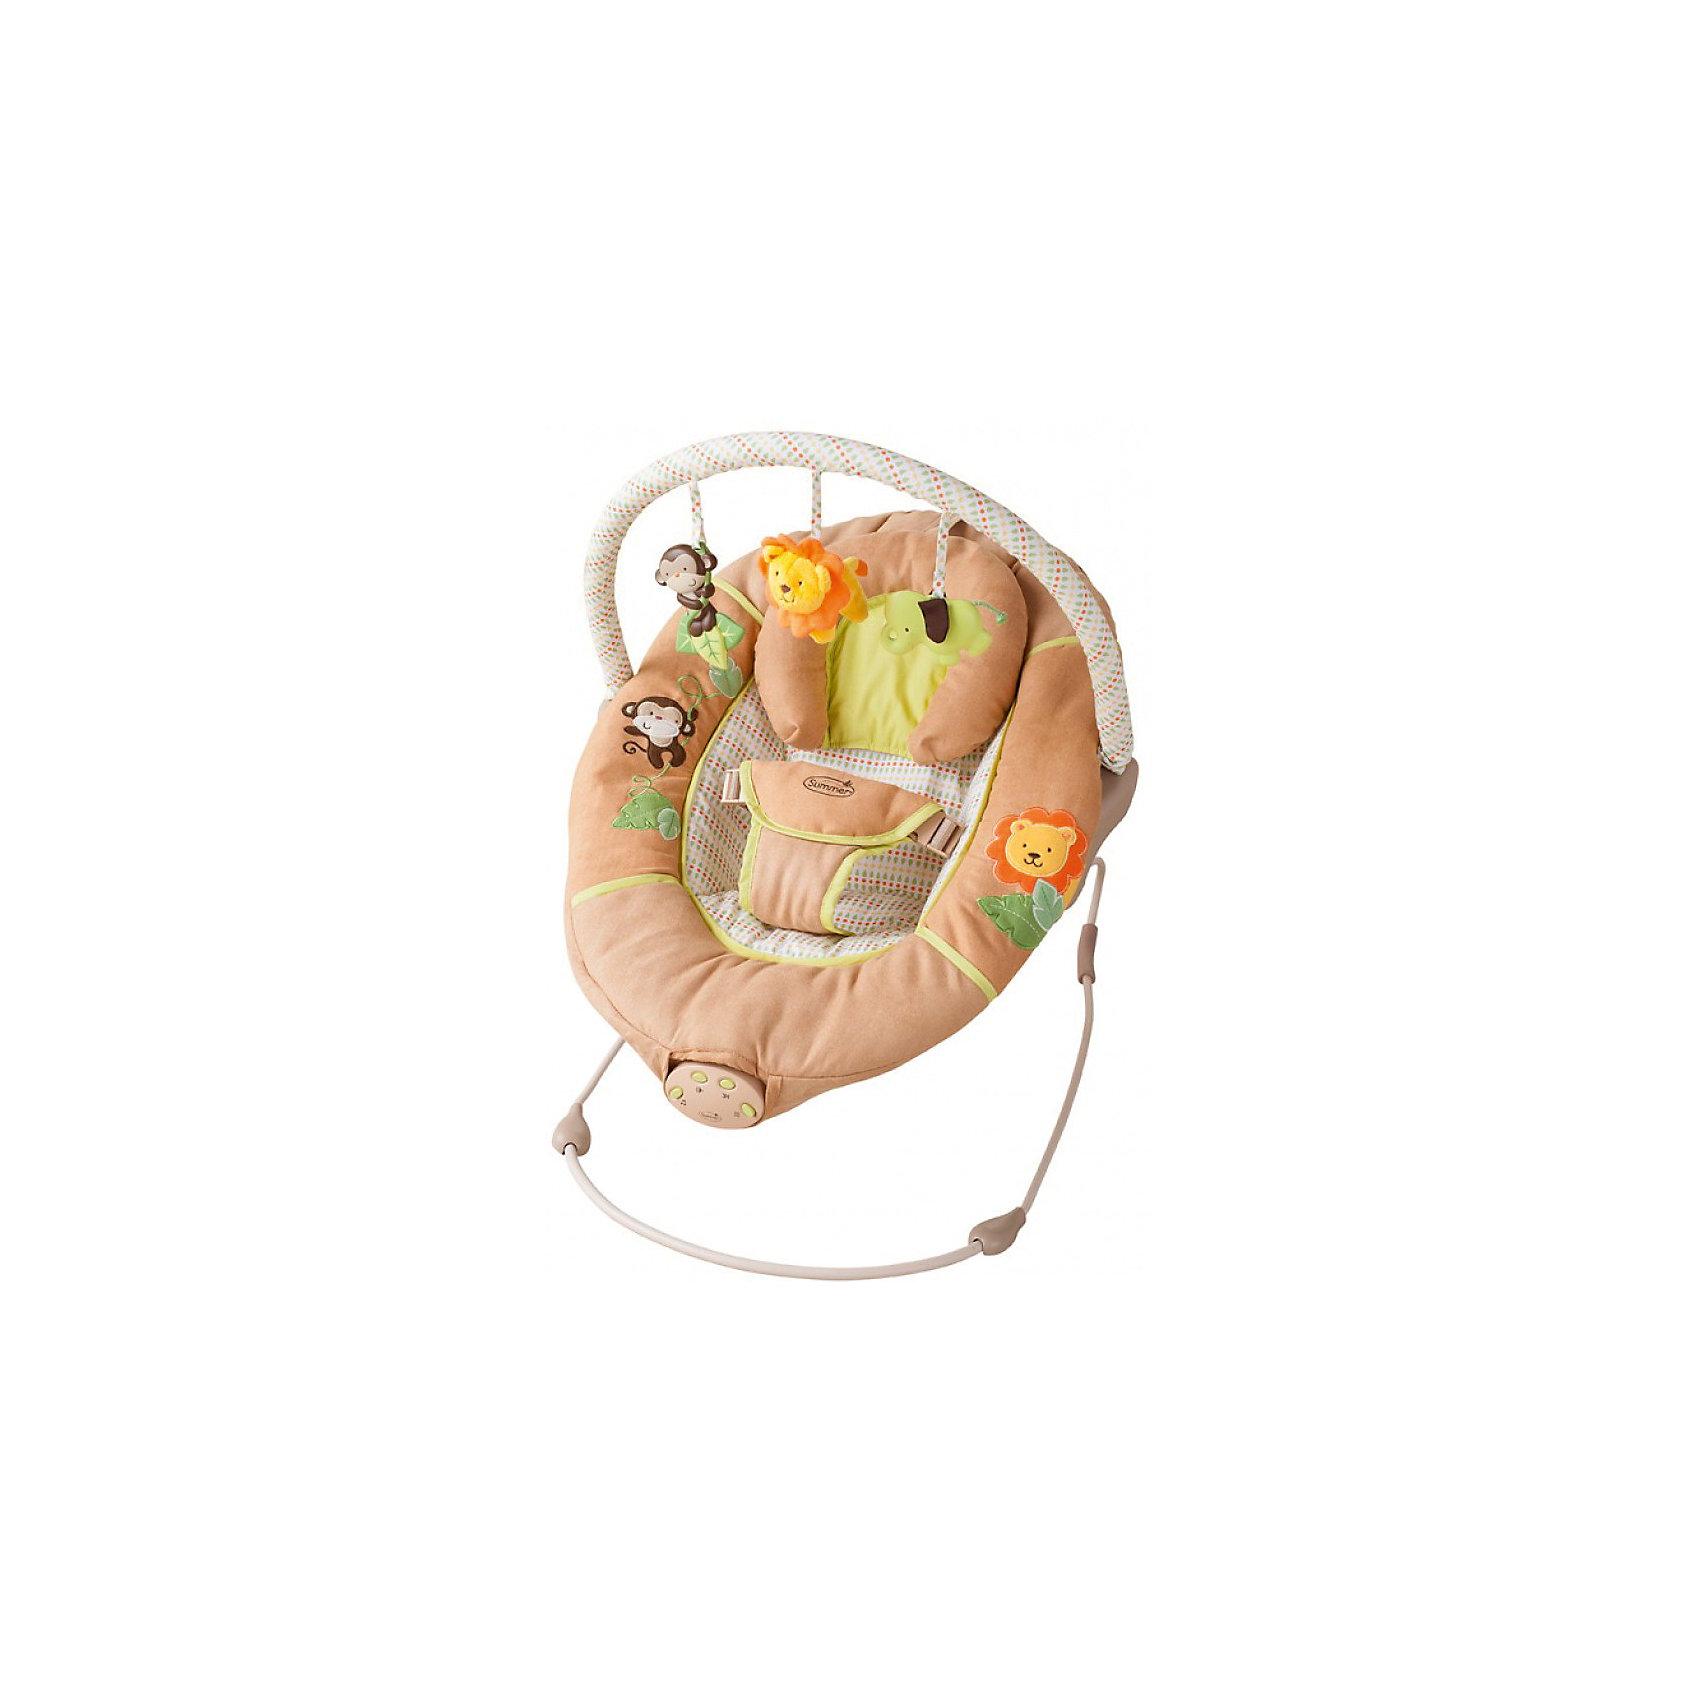 Люлька SWINGIN SAFARI, Summer InfantЛюлька SWINGIN SAFARI, Summer Infant (Саммер Инфант) <br><br><br>Характеристики: <br><br>• Удобное и широкое сиденье <br>• Компактно складывается <br>• Есть колыбельная <br>• Автоматически отключается через 15 минут <br>• Нужны 3 батарейки <br>• Для детей весом 9-11 кг. <br><br>Люлька SWINGIN SAFARI отлично подойдет для вашего малыша. Она легко собирается и разбирается. Есть тихая спокойная мелодия, которая поможет вашему малышу быстро заснуть. Спальное место оборудовано специальной поддерживающей подушкой для головы. Нейтральная текстильная расцветка отлично подойдет для любой детской комнатки. Малышу в этой люльке будет очень комфортно и уютно отдыхать. А для родителей люлька станет незаменимой помощницей. <br><br>Люльку SWINGIN SAFARI, Summer Infant (Саммер Инфант) вы можете приобрести в нашем интернет-магазине<br><br>Ширина мм: 700<br>Глубина мм: 520<br>Высота мм: 450<br>Вес г: 2800<br>Возраст от месяцев: 0<br>Возраст до месяцев: 12<br>Пол: Унисекс<br>Возраст: Детский<br>SKU: 3950361